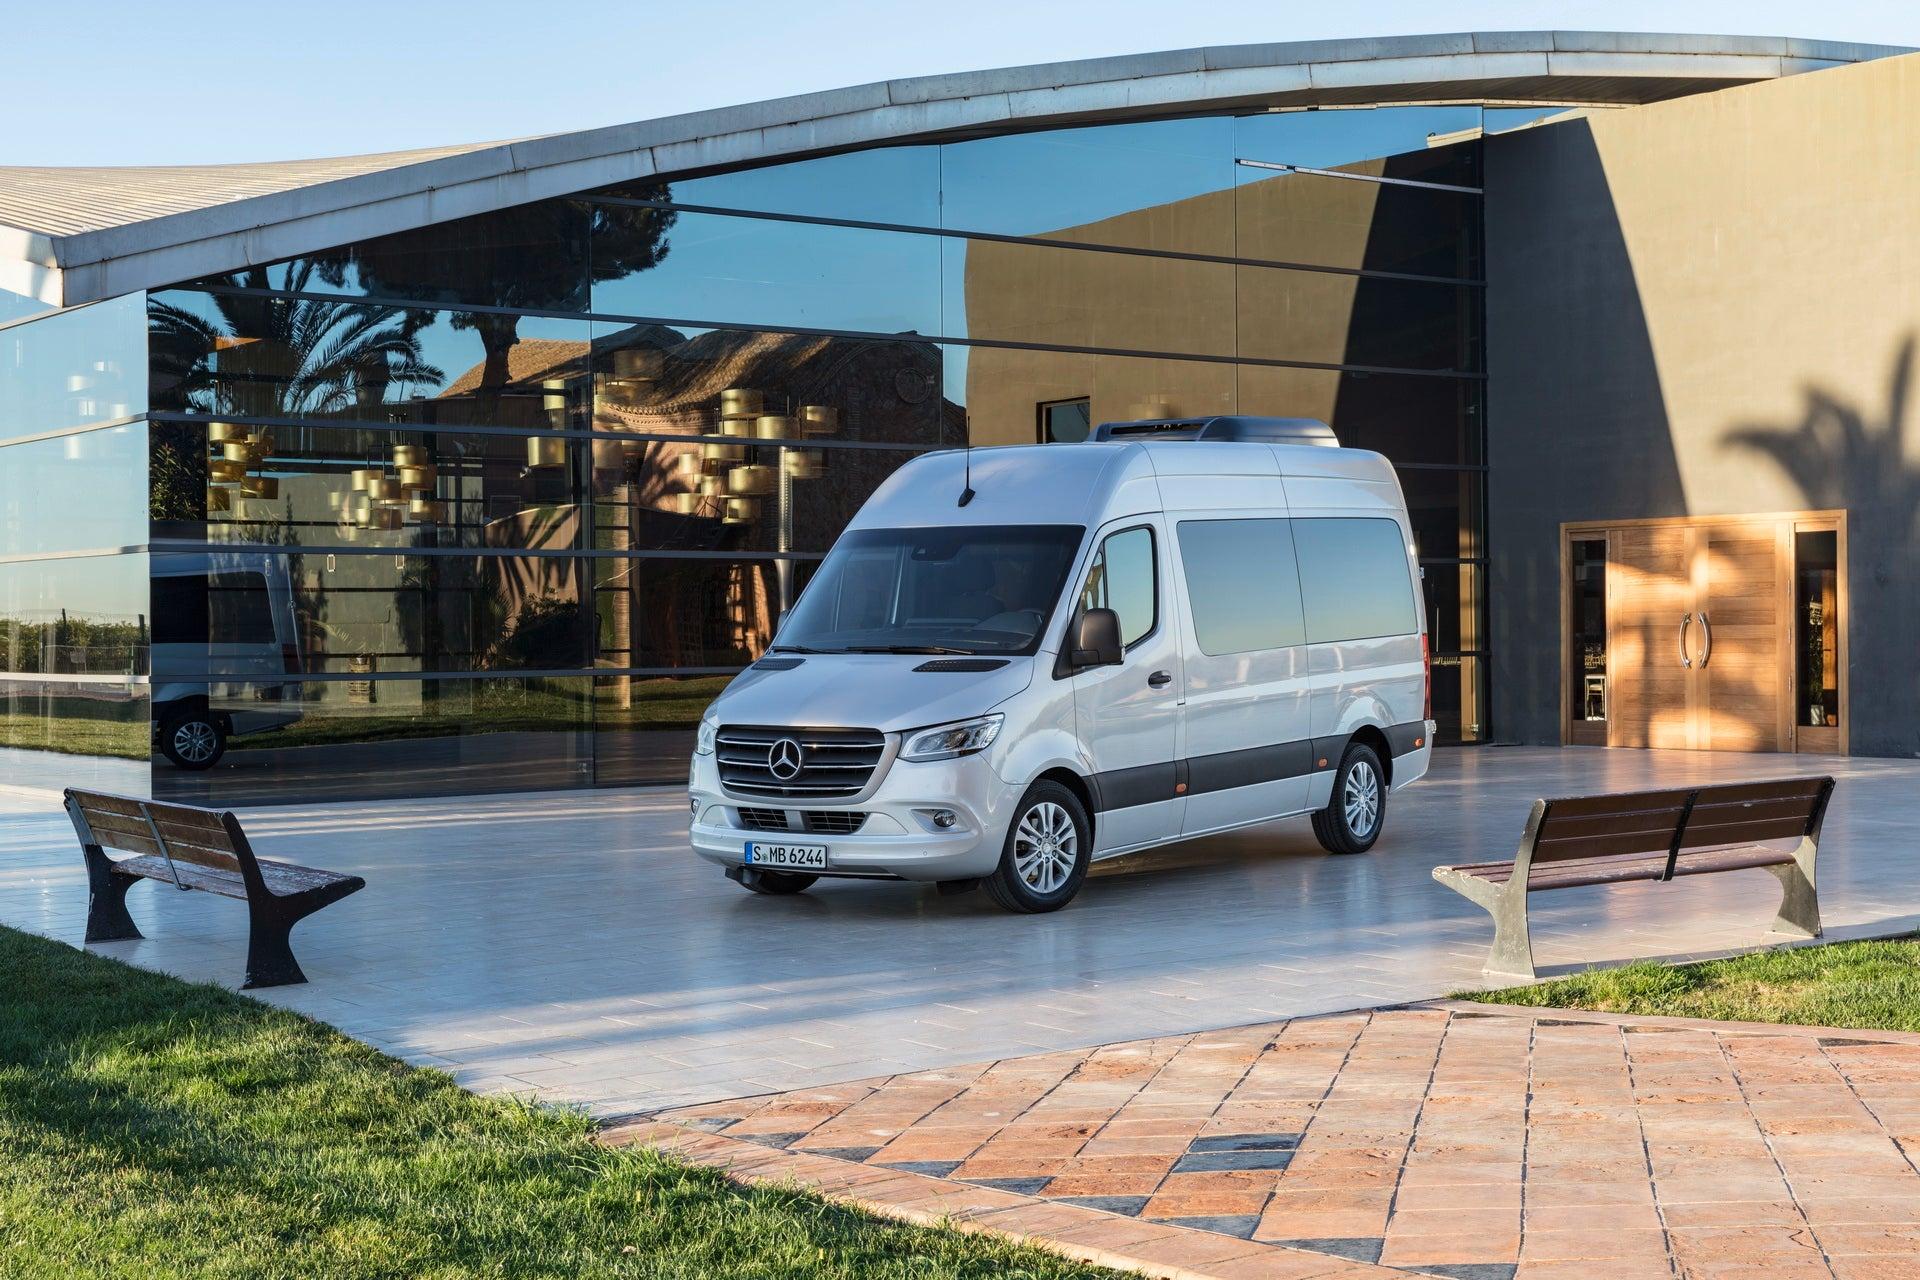 Vehículos industriales: frontal del Mercedes Sprinter